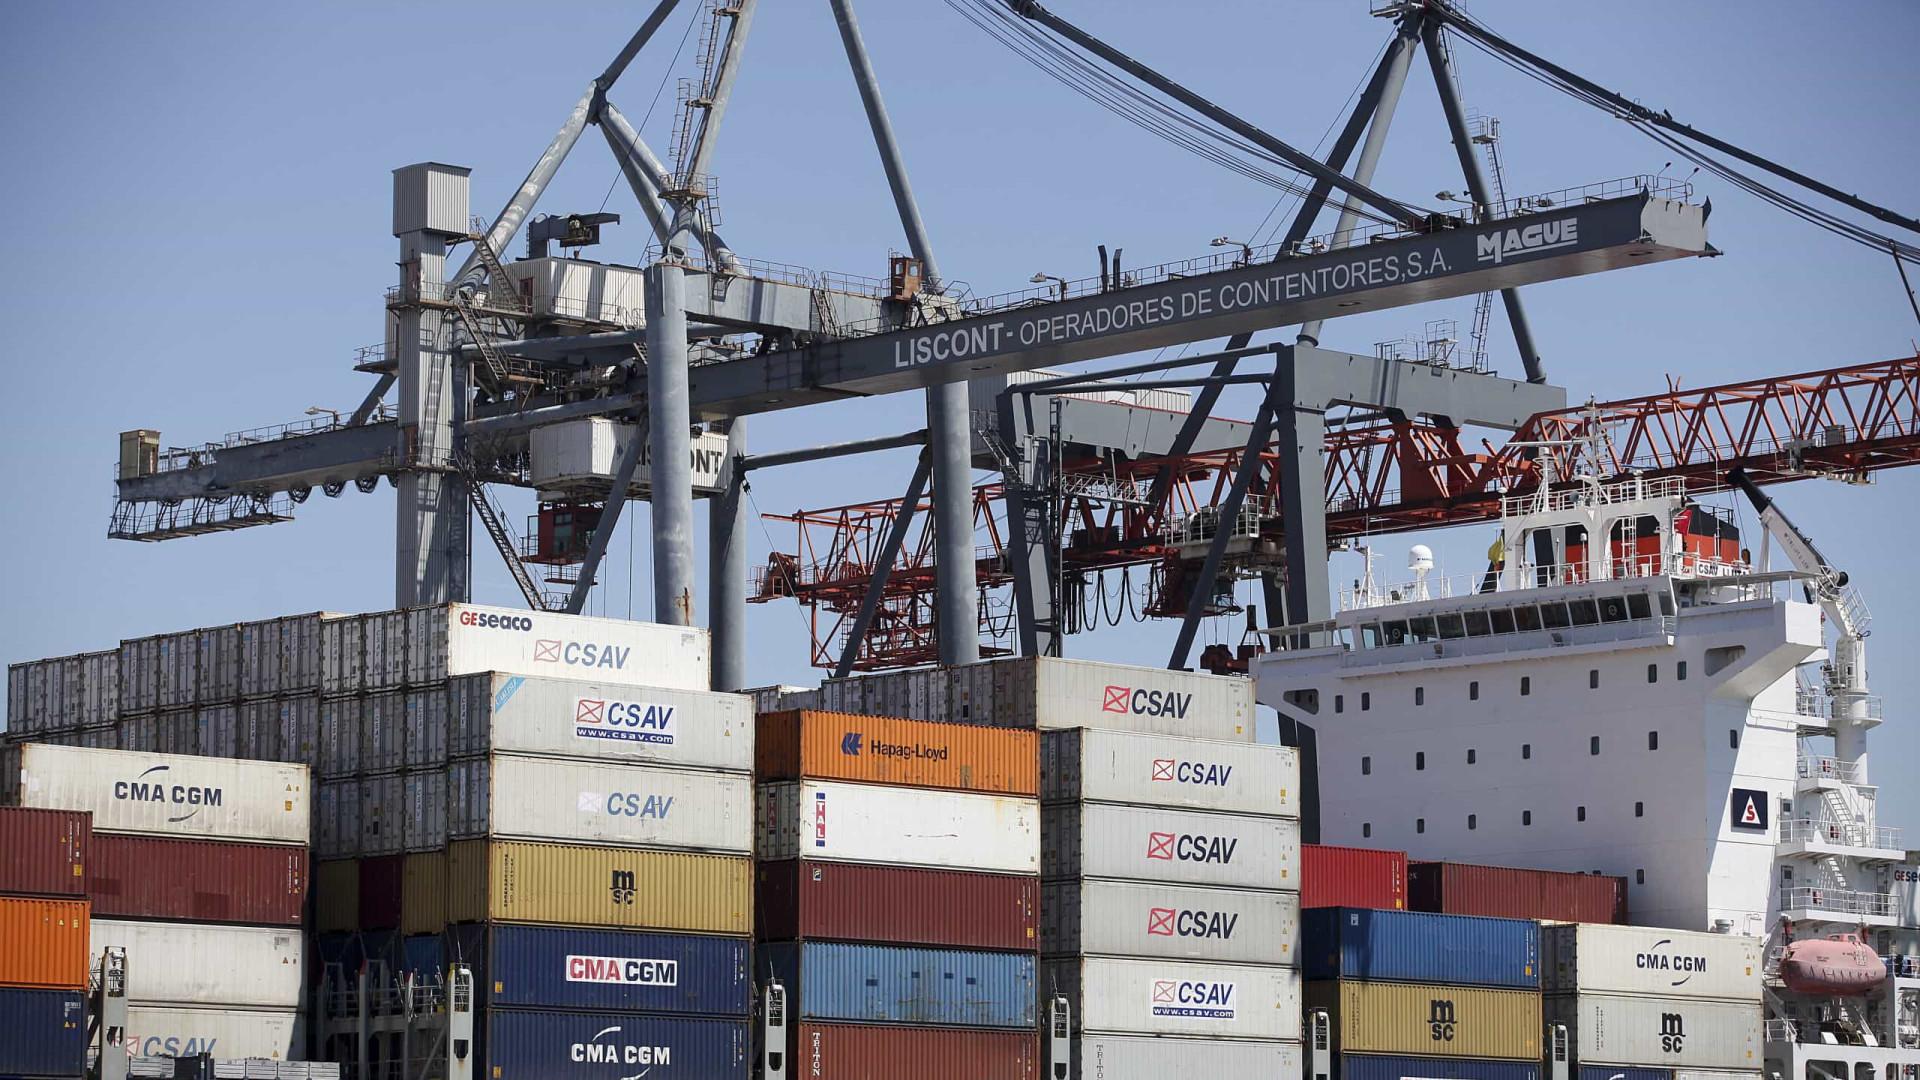 Governo confirma 850 horas extraordinárias no Porto de Lisboa